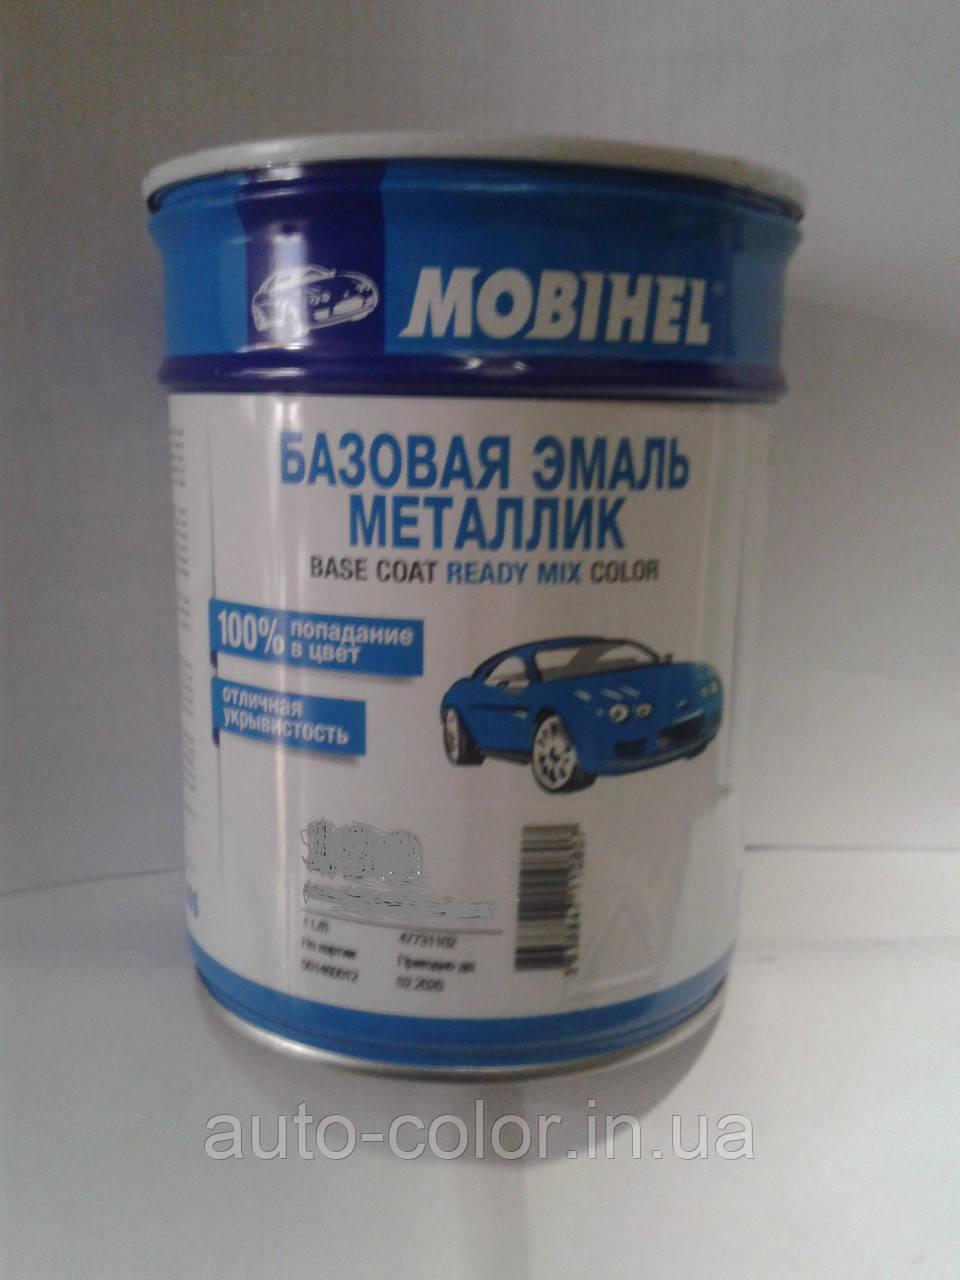 Автоэмаль базовая металлик Mobihel  190 Калифорнийский мак  1л